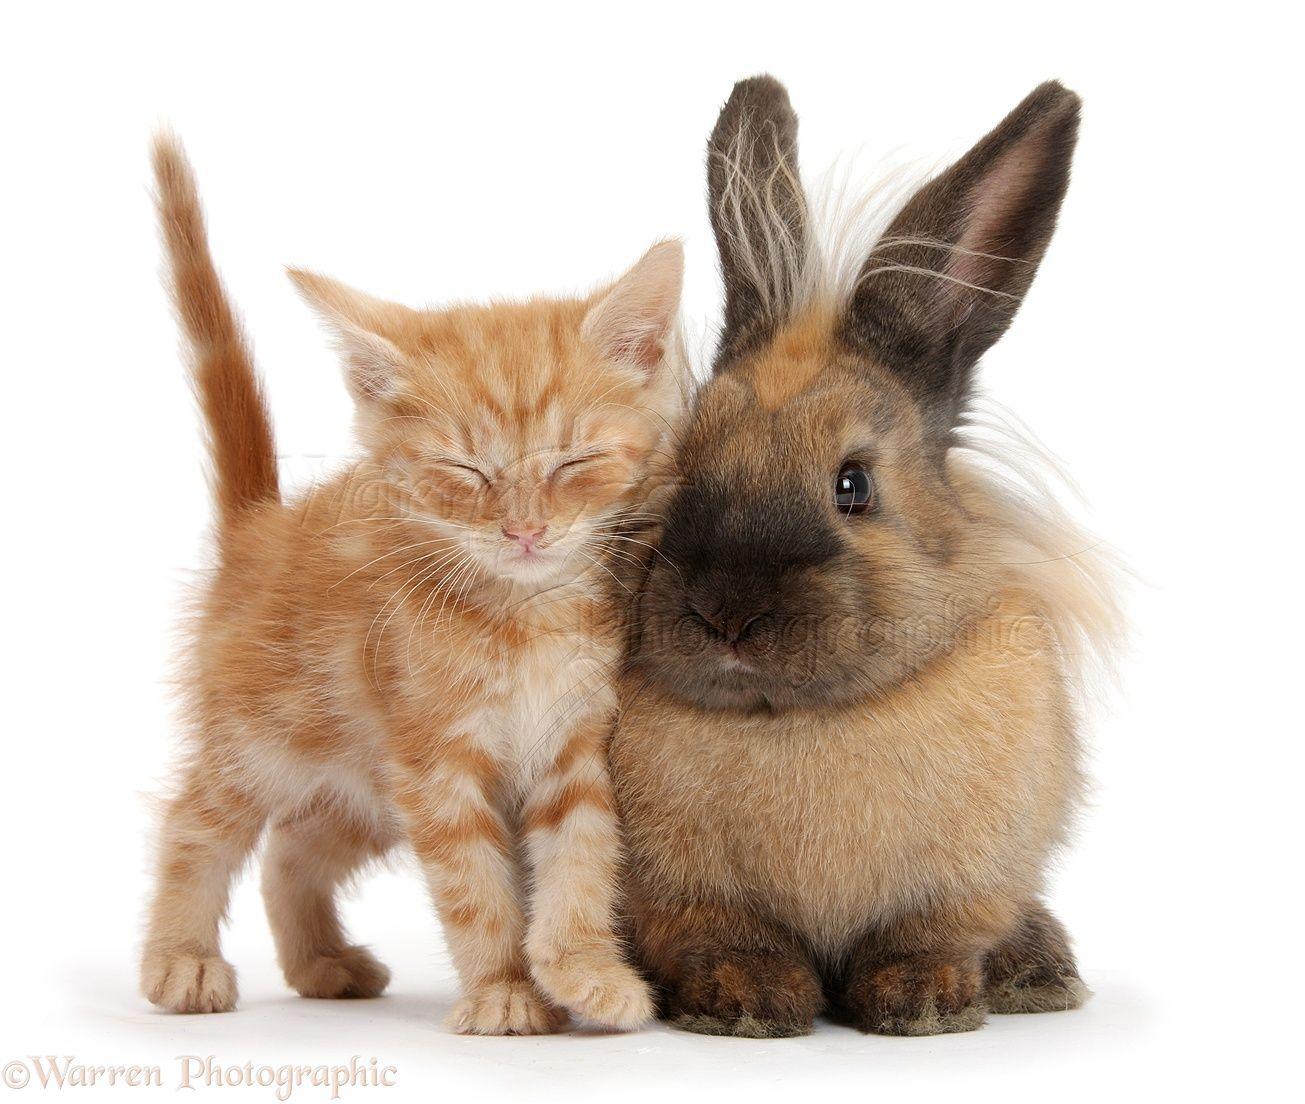 Sleepy Ginger Kitten And Lionhead Cross Rabbit Ginger Kitten Kitten Pets